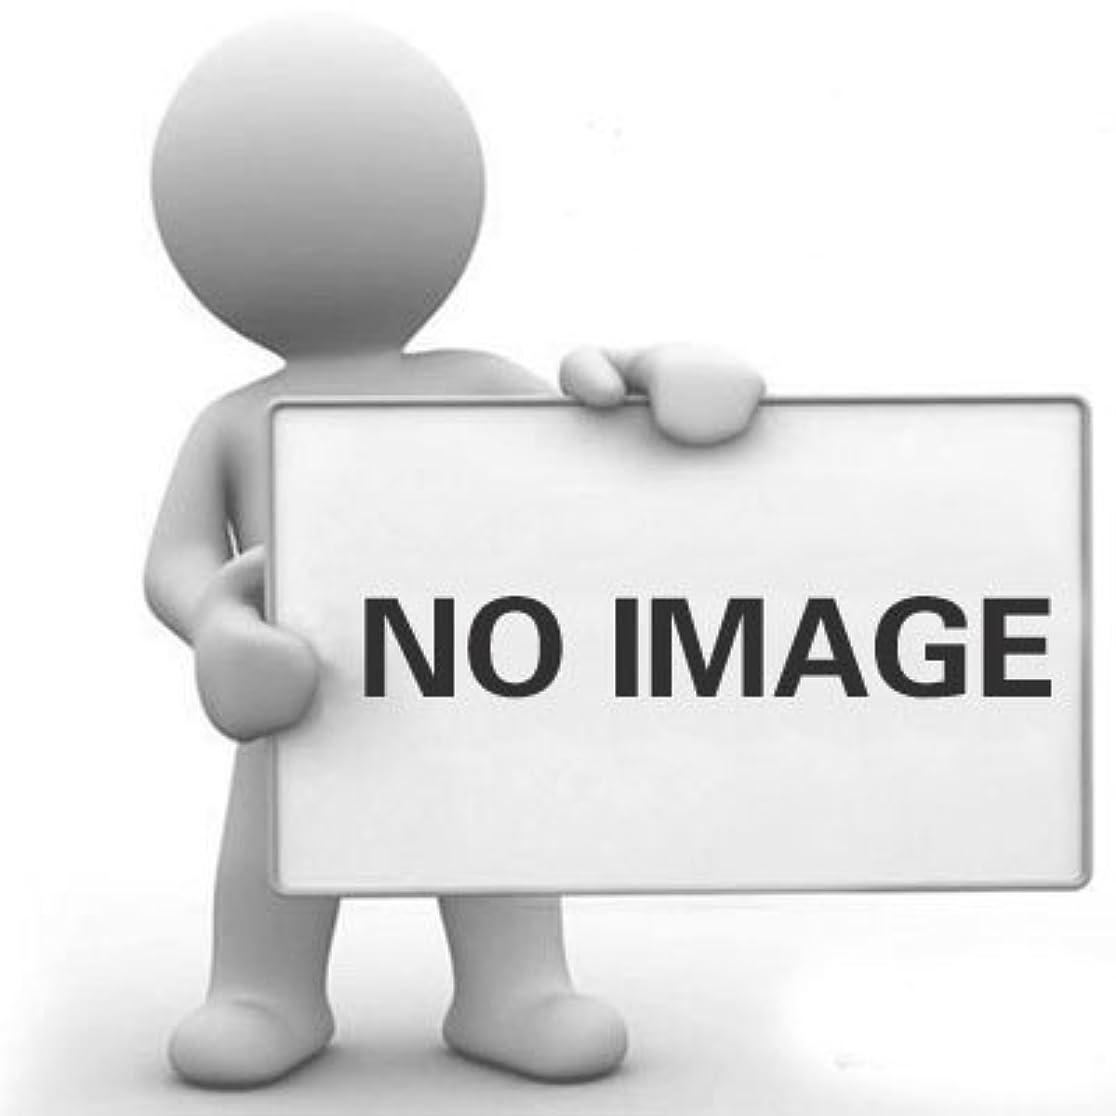 くびれた項目シダDYNWAVE ネイルアート ネイルドリルビット マニキュア 研磨ヘッド ドリルビットセット 4本セット